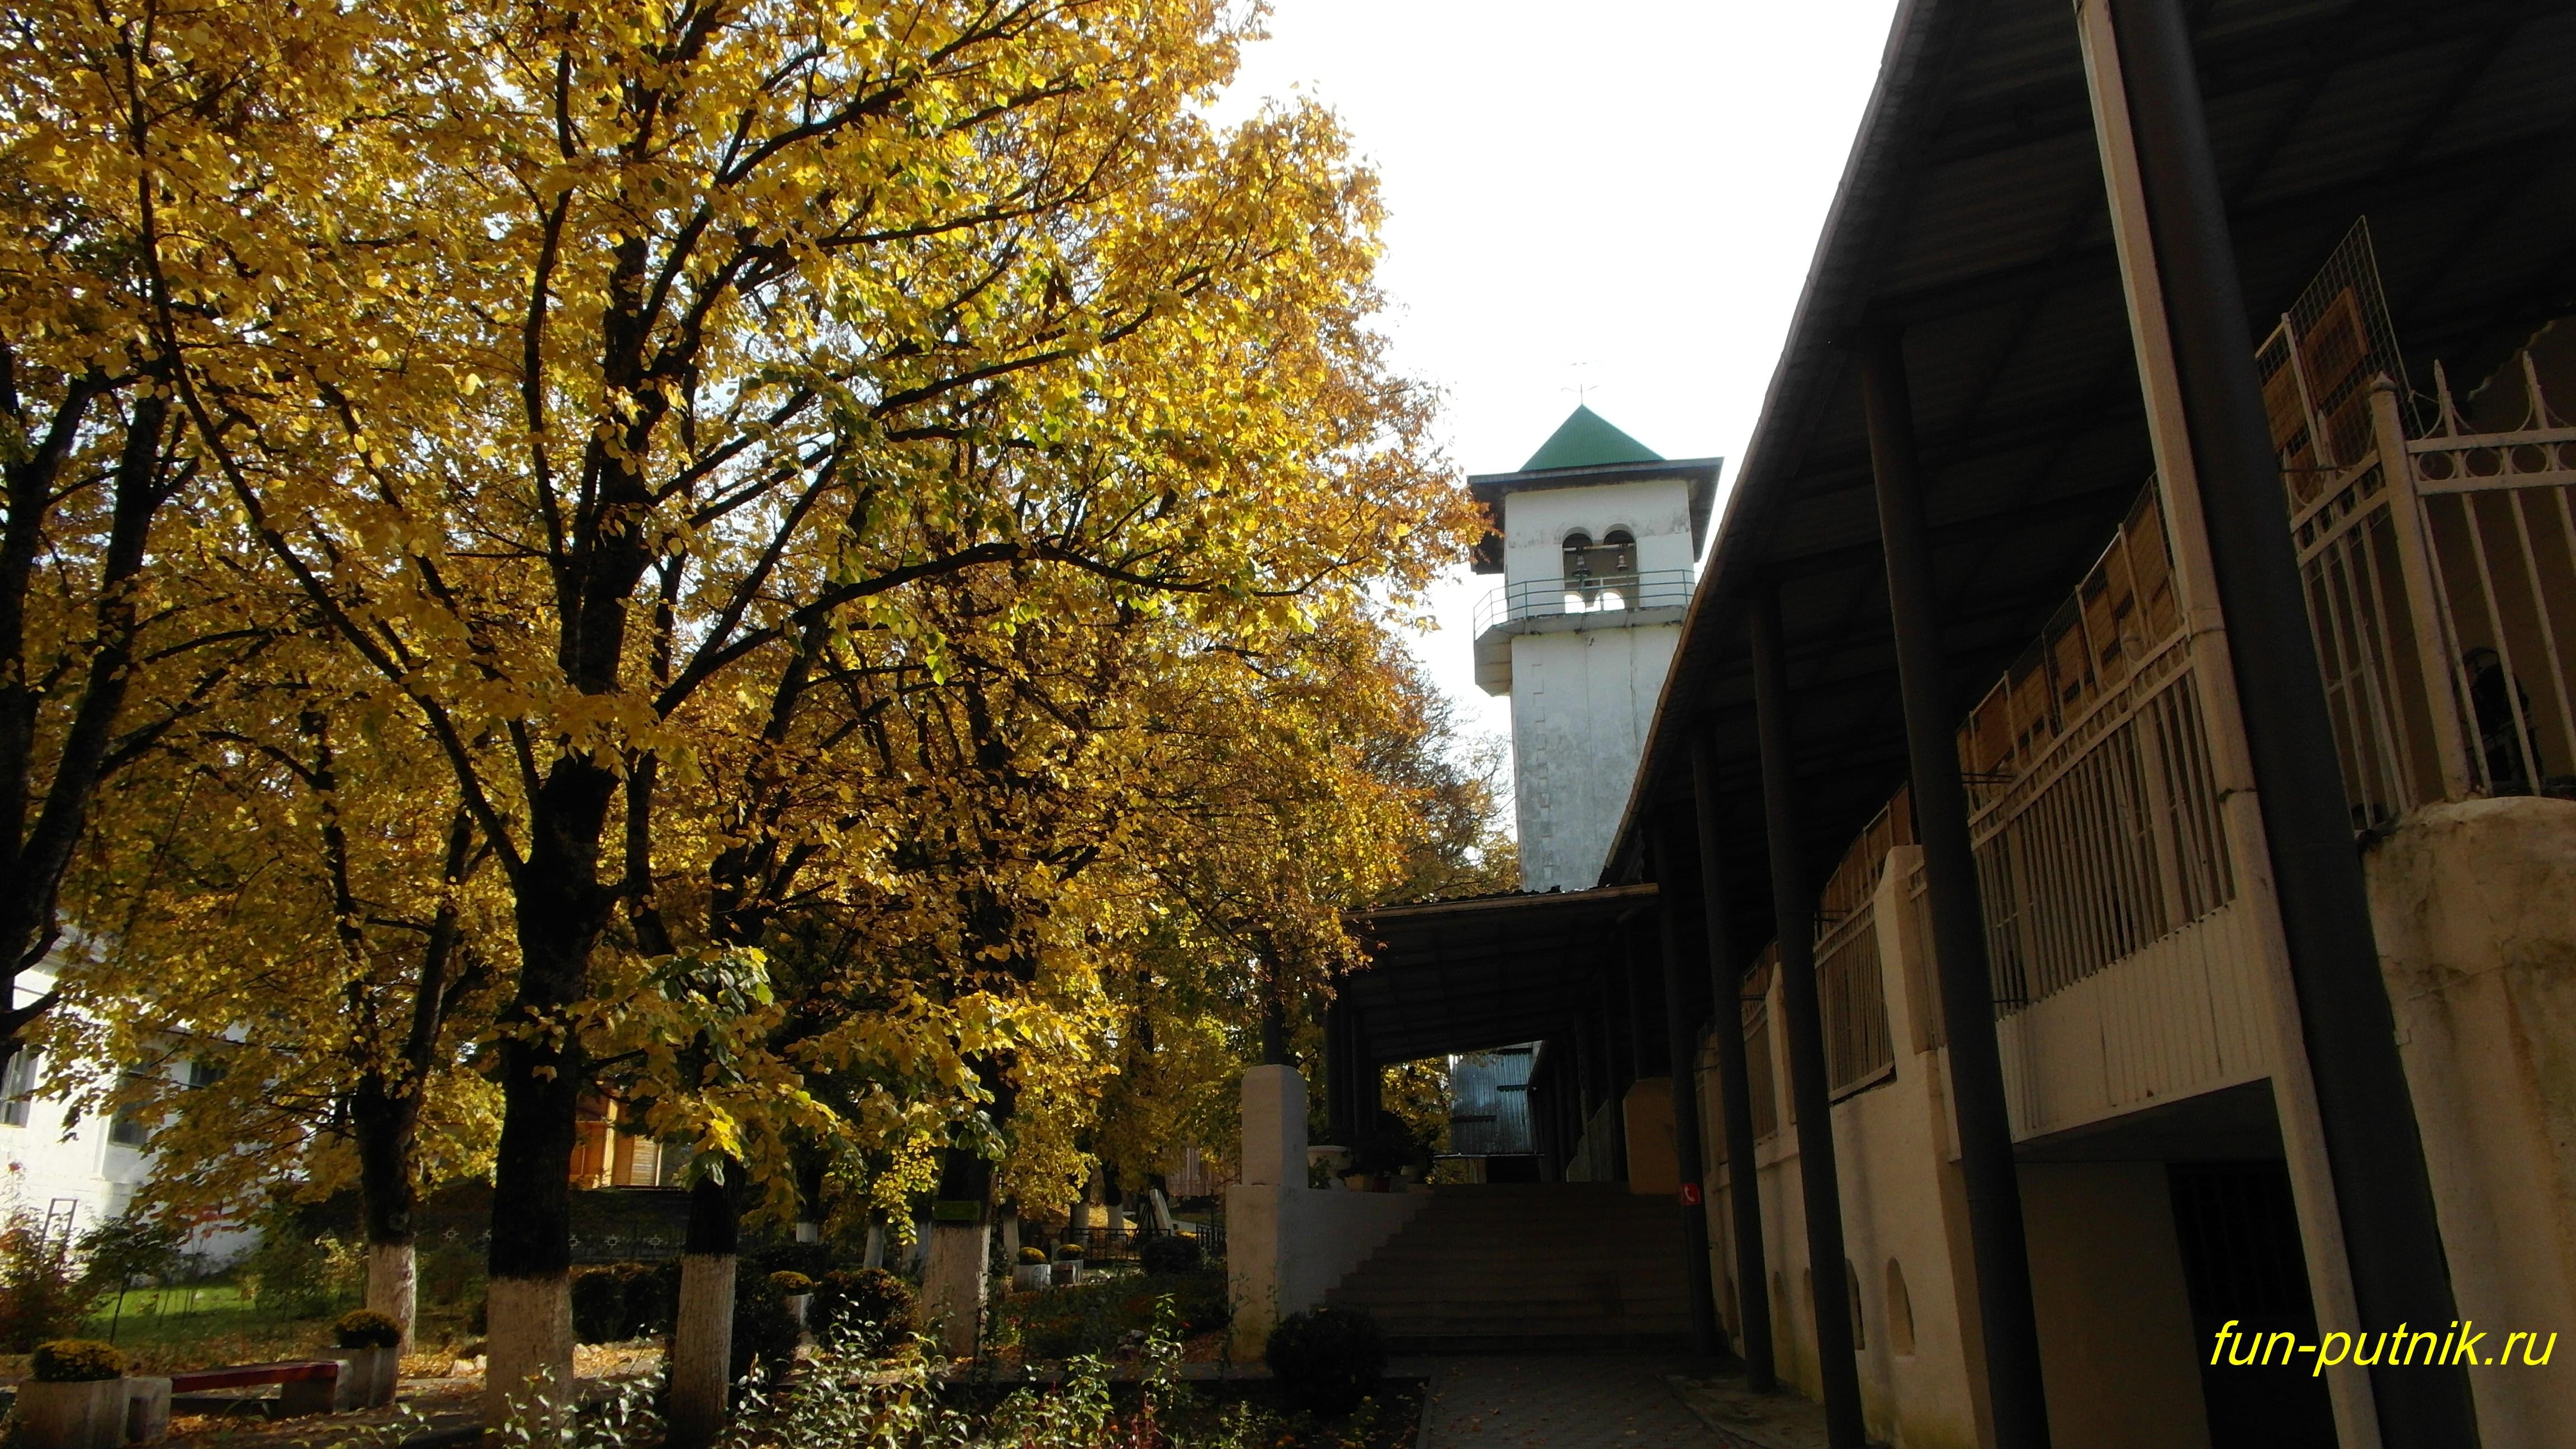 Осень в Адыгее - Михайло-Афонский монастырь